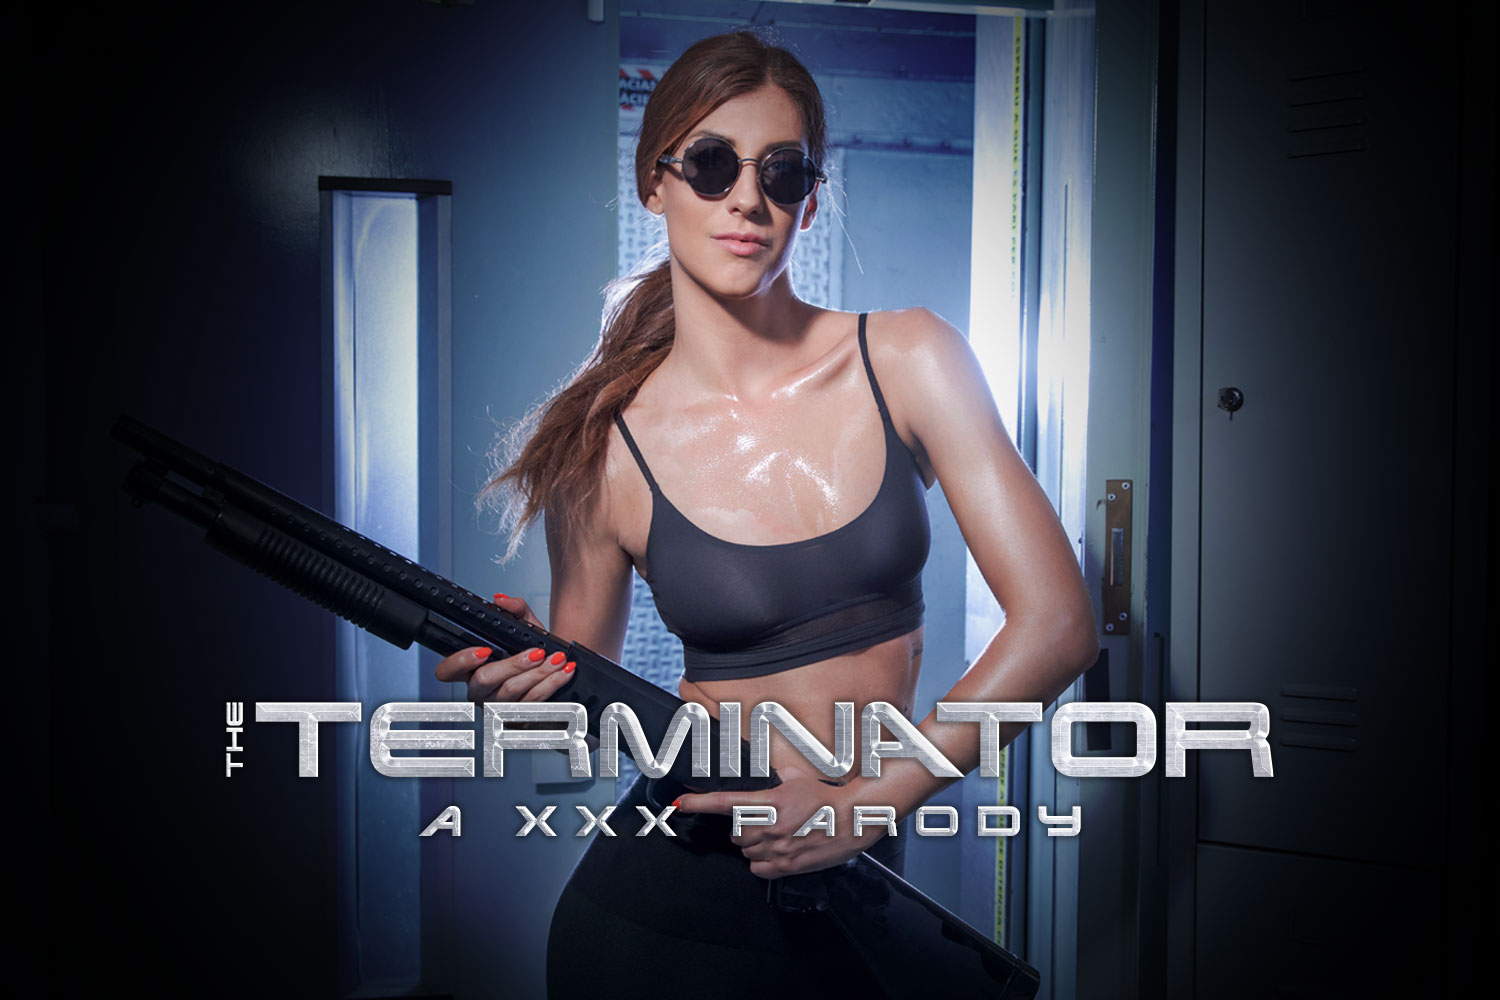 Terminator A XXX  Parody